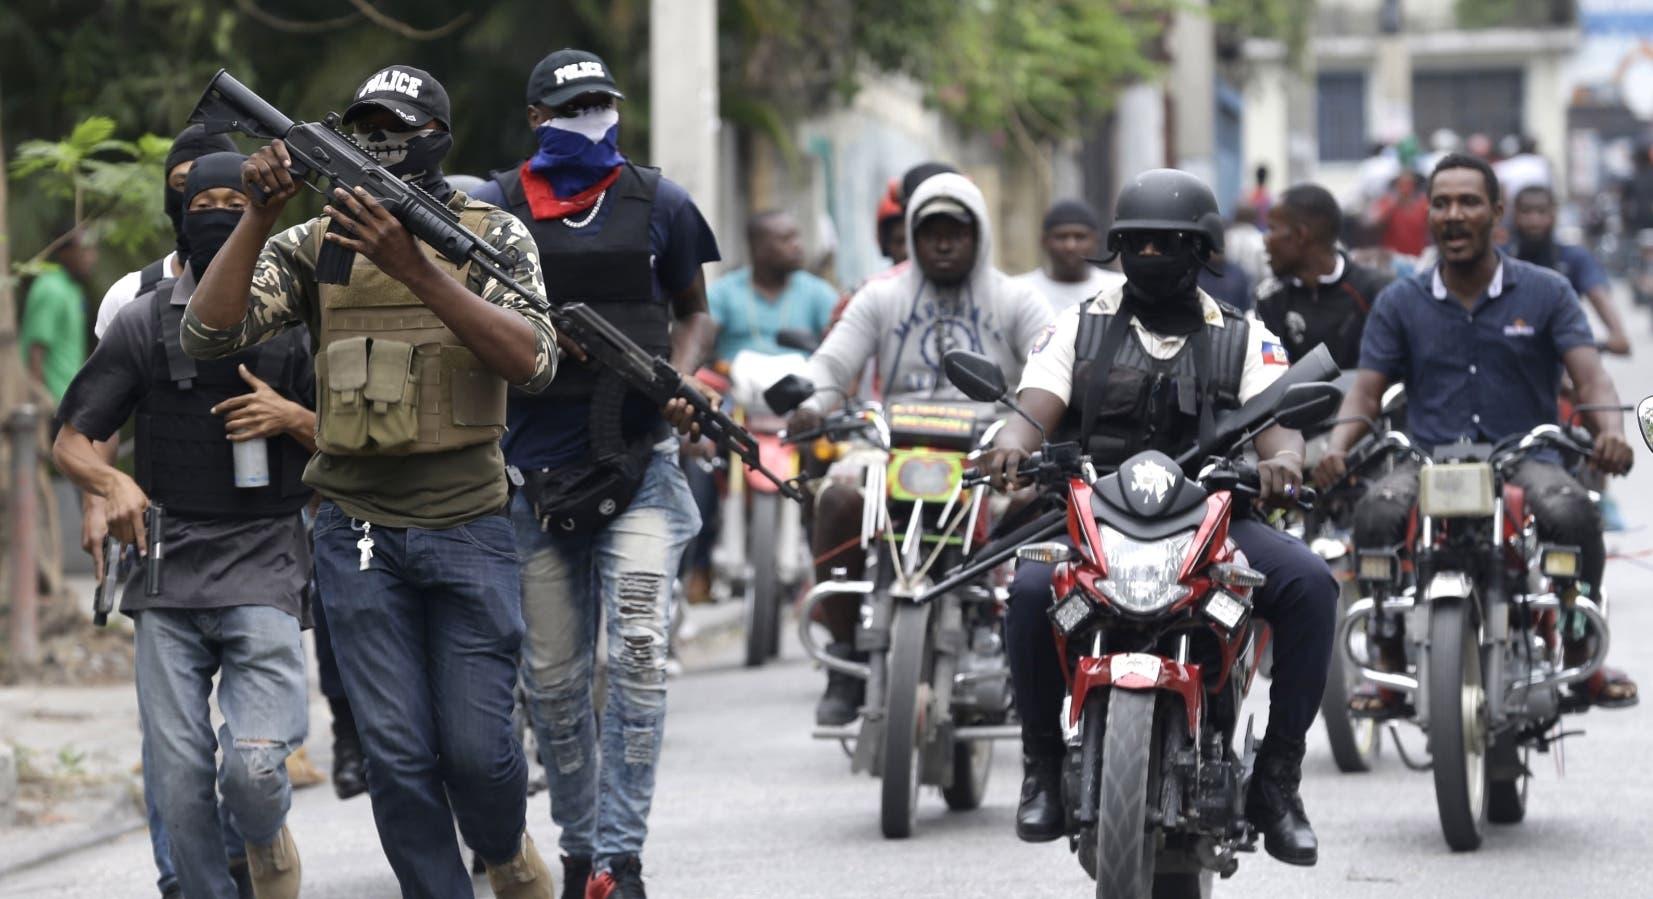 EE.UU. reitera  no negocia con quien secuestra a  ciudadanos